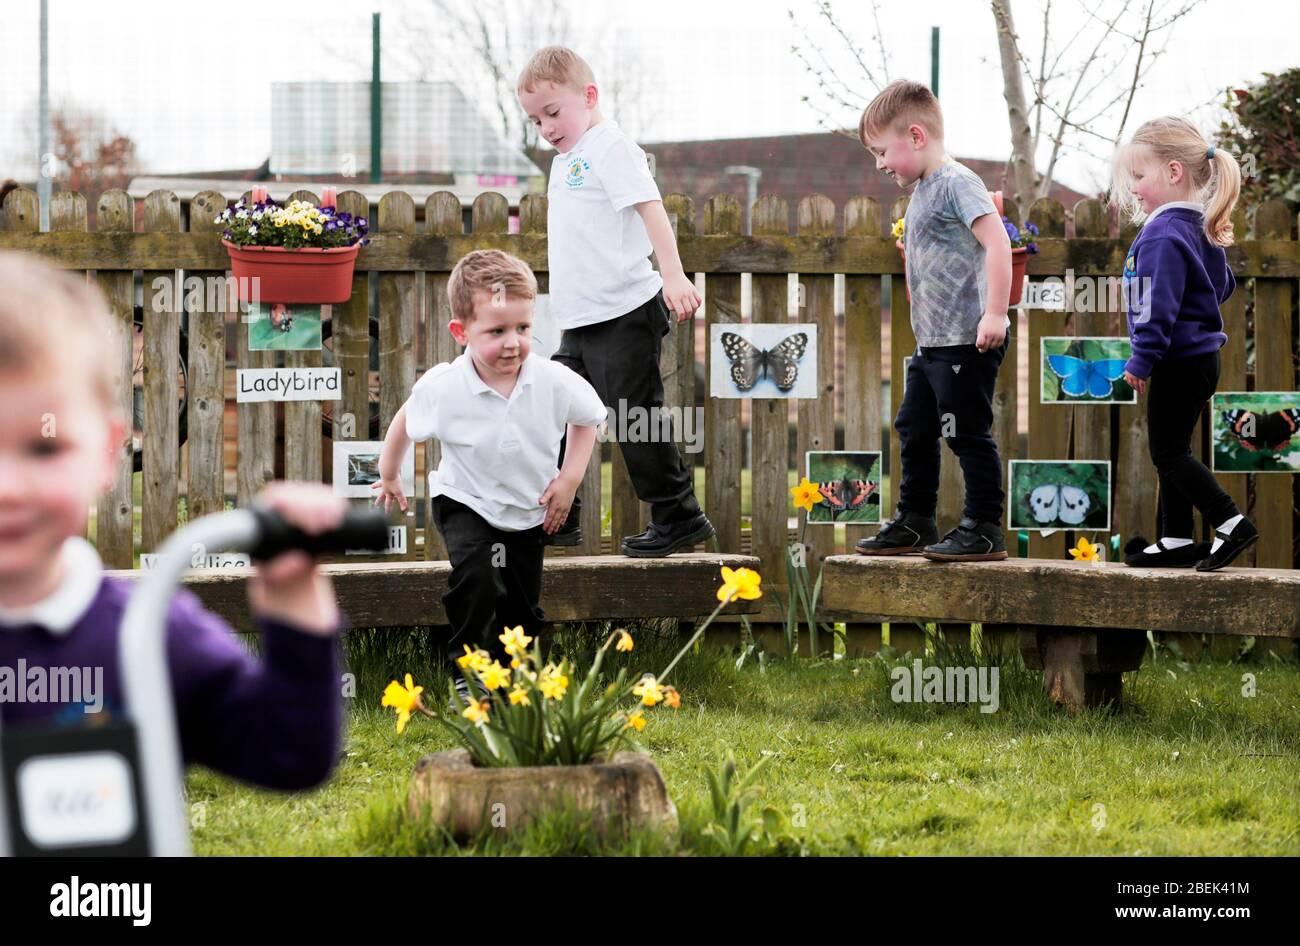 Enfants dans la zone de jeu extérieure d'une école maternelle à Darlington, comté de Durham, Royaume-Uni. 18/4/2018. Photo : Stuart Boulton. Banque D'Images